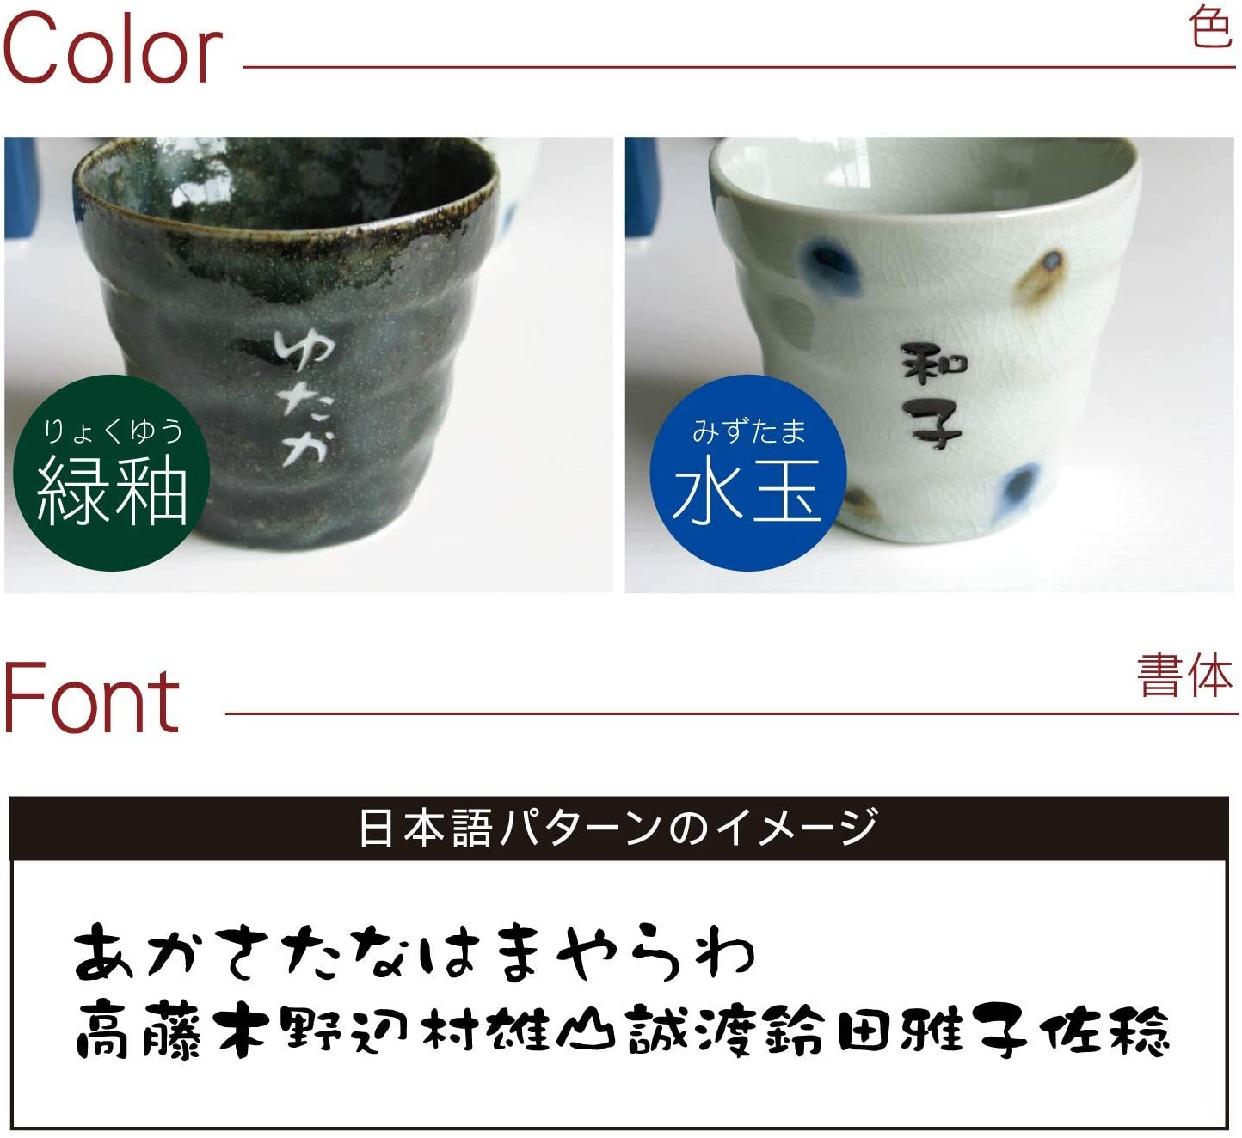 きざむ 名入れ美濃焼ごろりん焼酎ロックカップ 緑釉の商品画像3